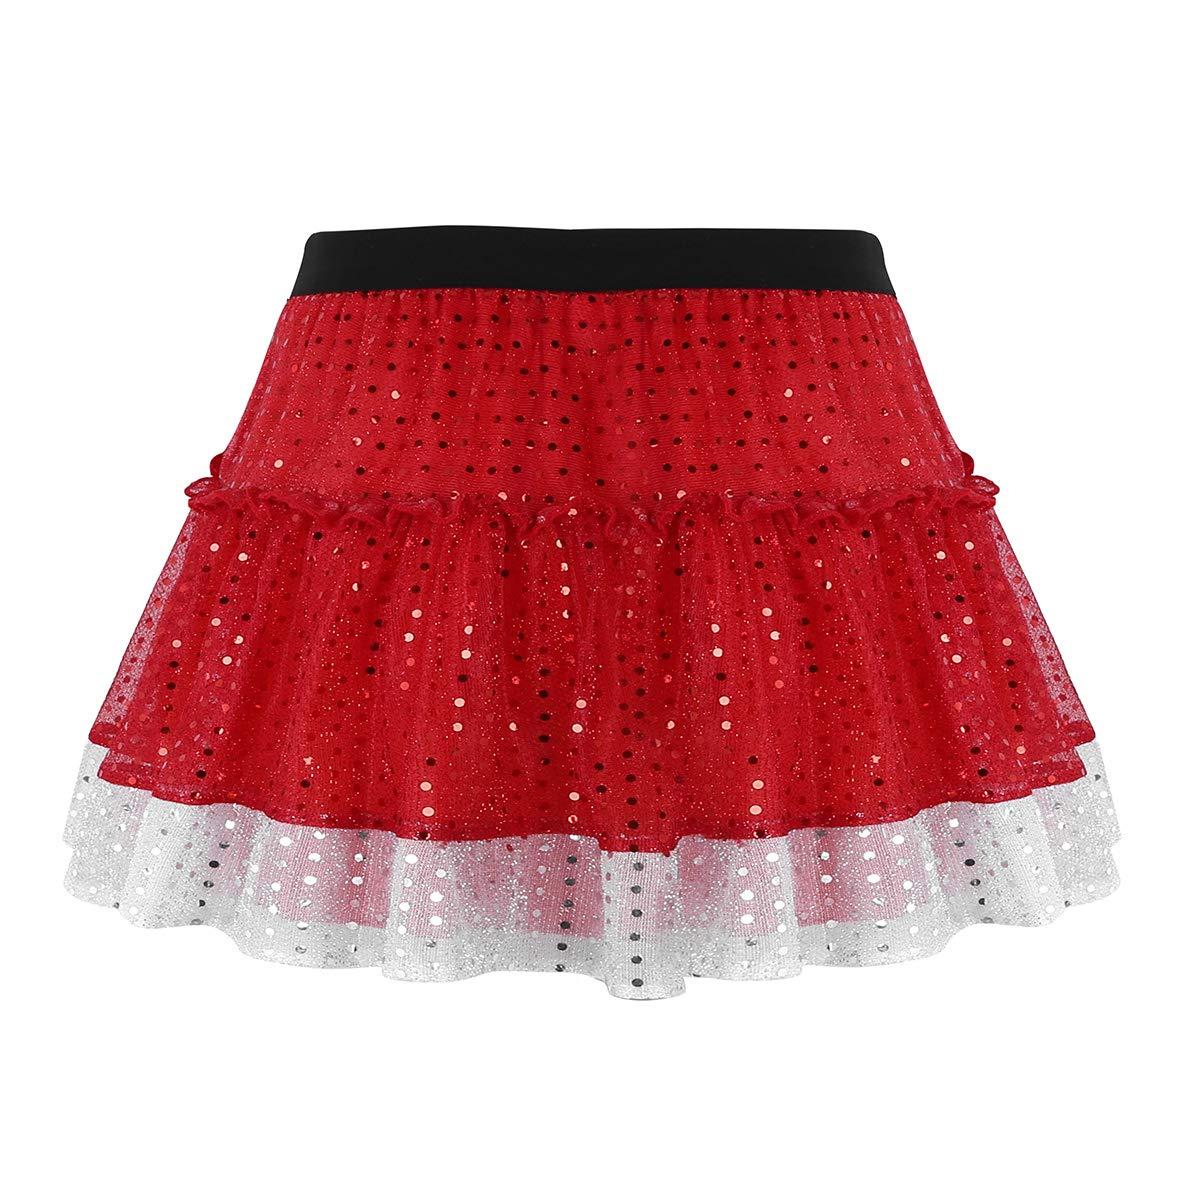 5873d42f885 dPois Femme Fille Jupe Paillette Courte Costume Noël Cosplay Princesse Robe  de Danse à Paillettes Justaucorps de Ballet ...